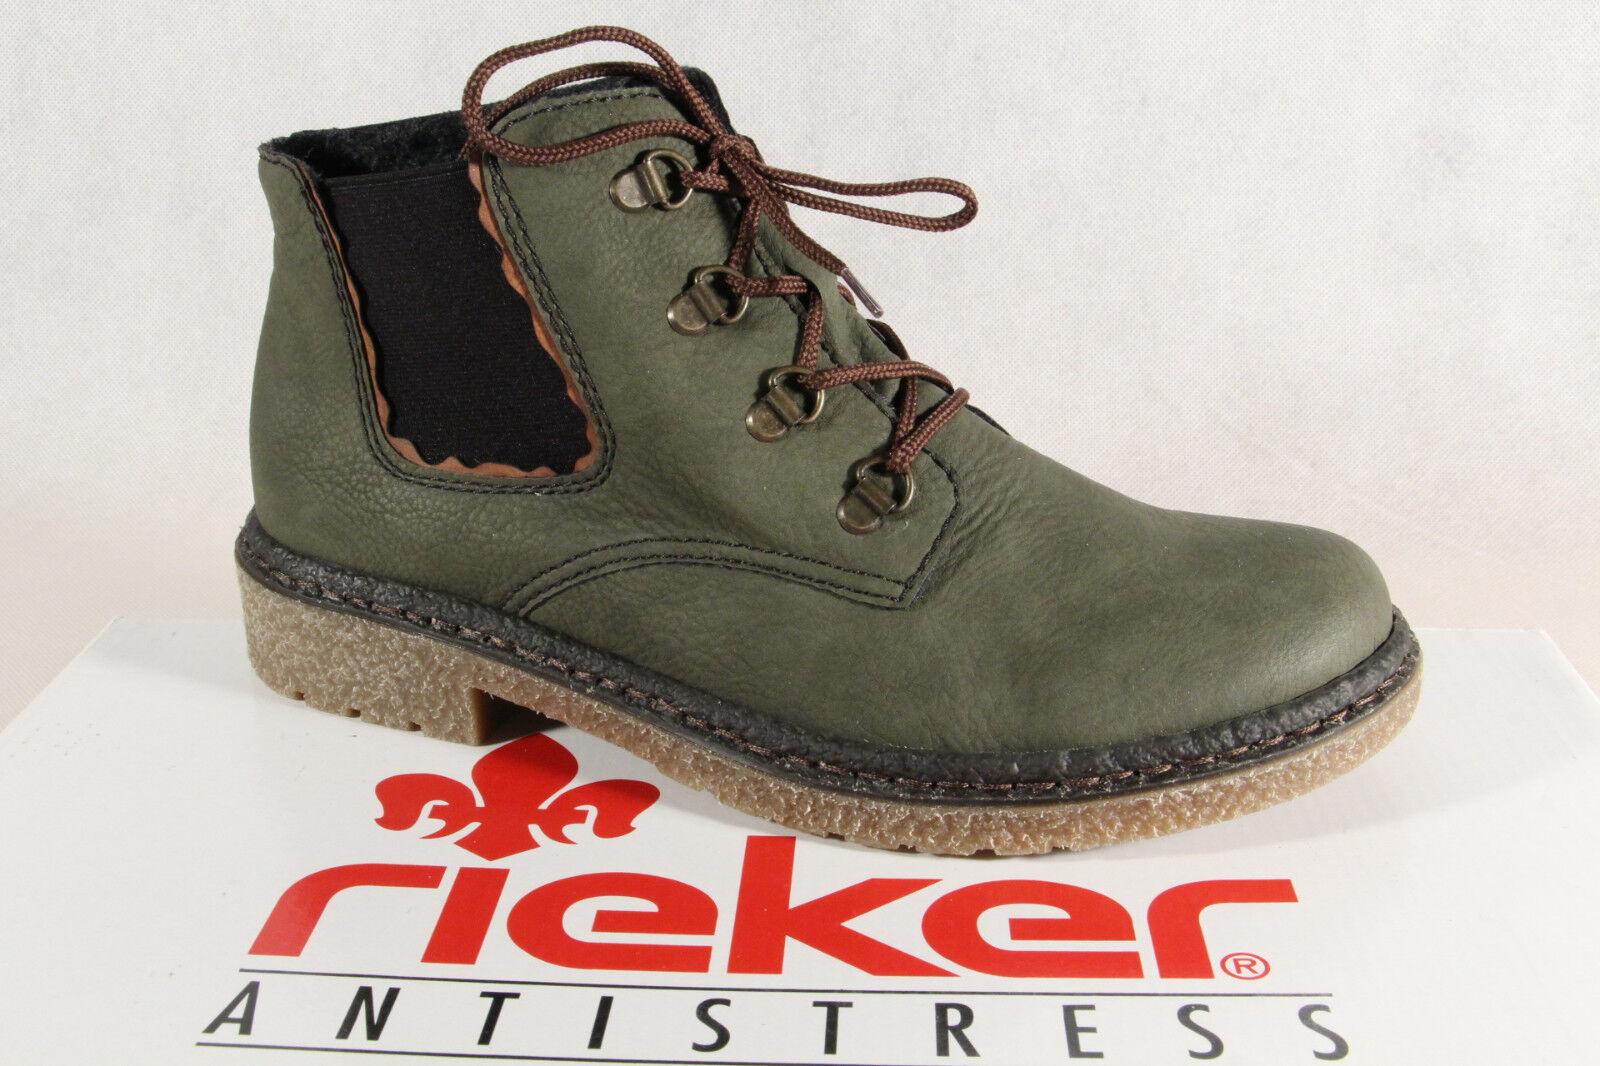 Rieker Damen Boots Stiefel Stiefeletten grün 53234 NEU tan2H